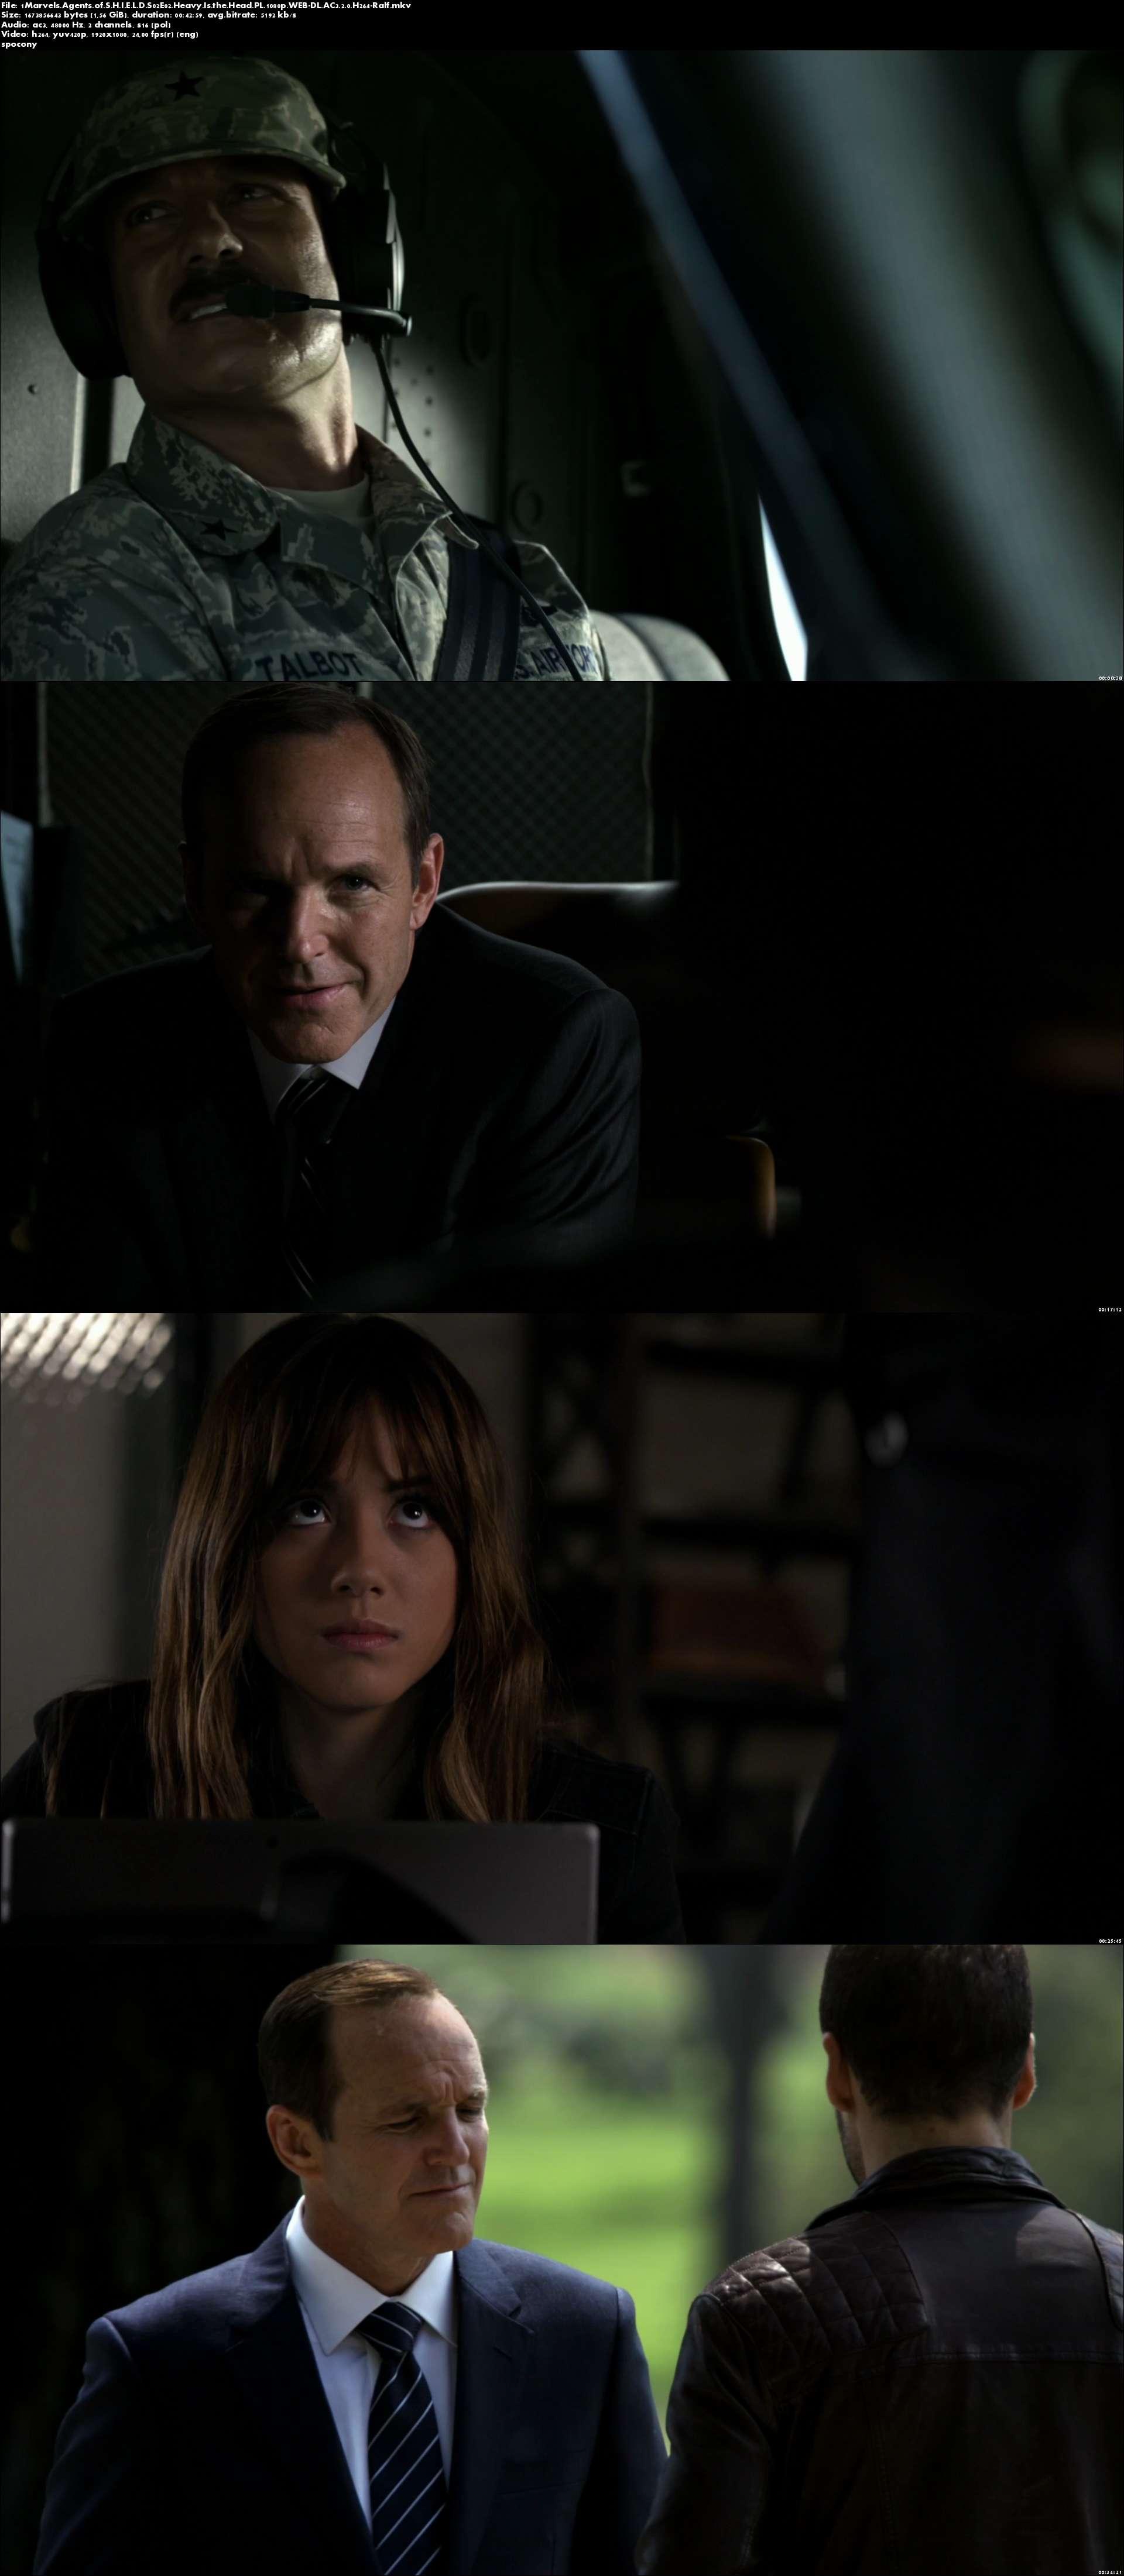 Agenci T.A.R.C.Z.Y. / Agents of S.H.I.E.L.D. (2014) {Sezon 2} (Pełen sezon) PL.1080p.WEB-DL.AC3.2.0.H264-Ralf [Lektor PL]